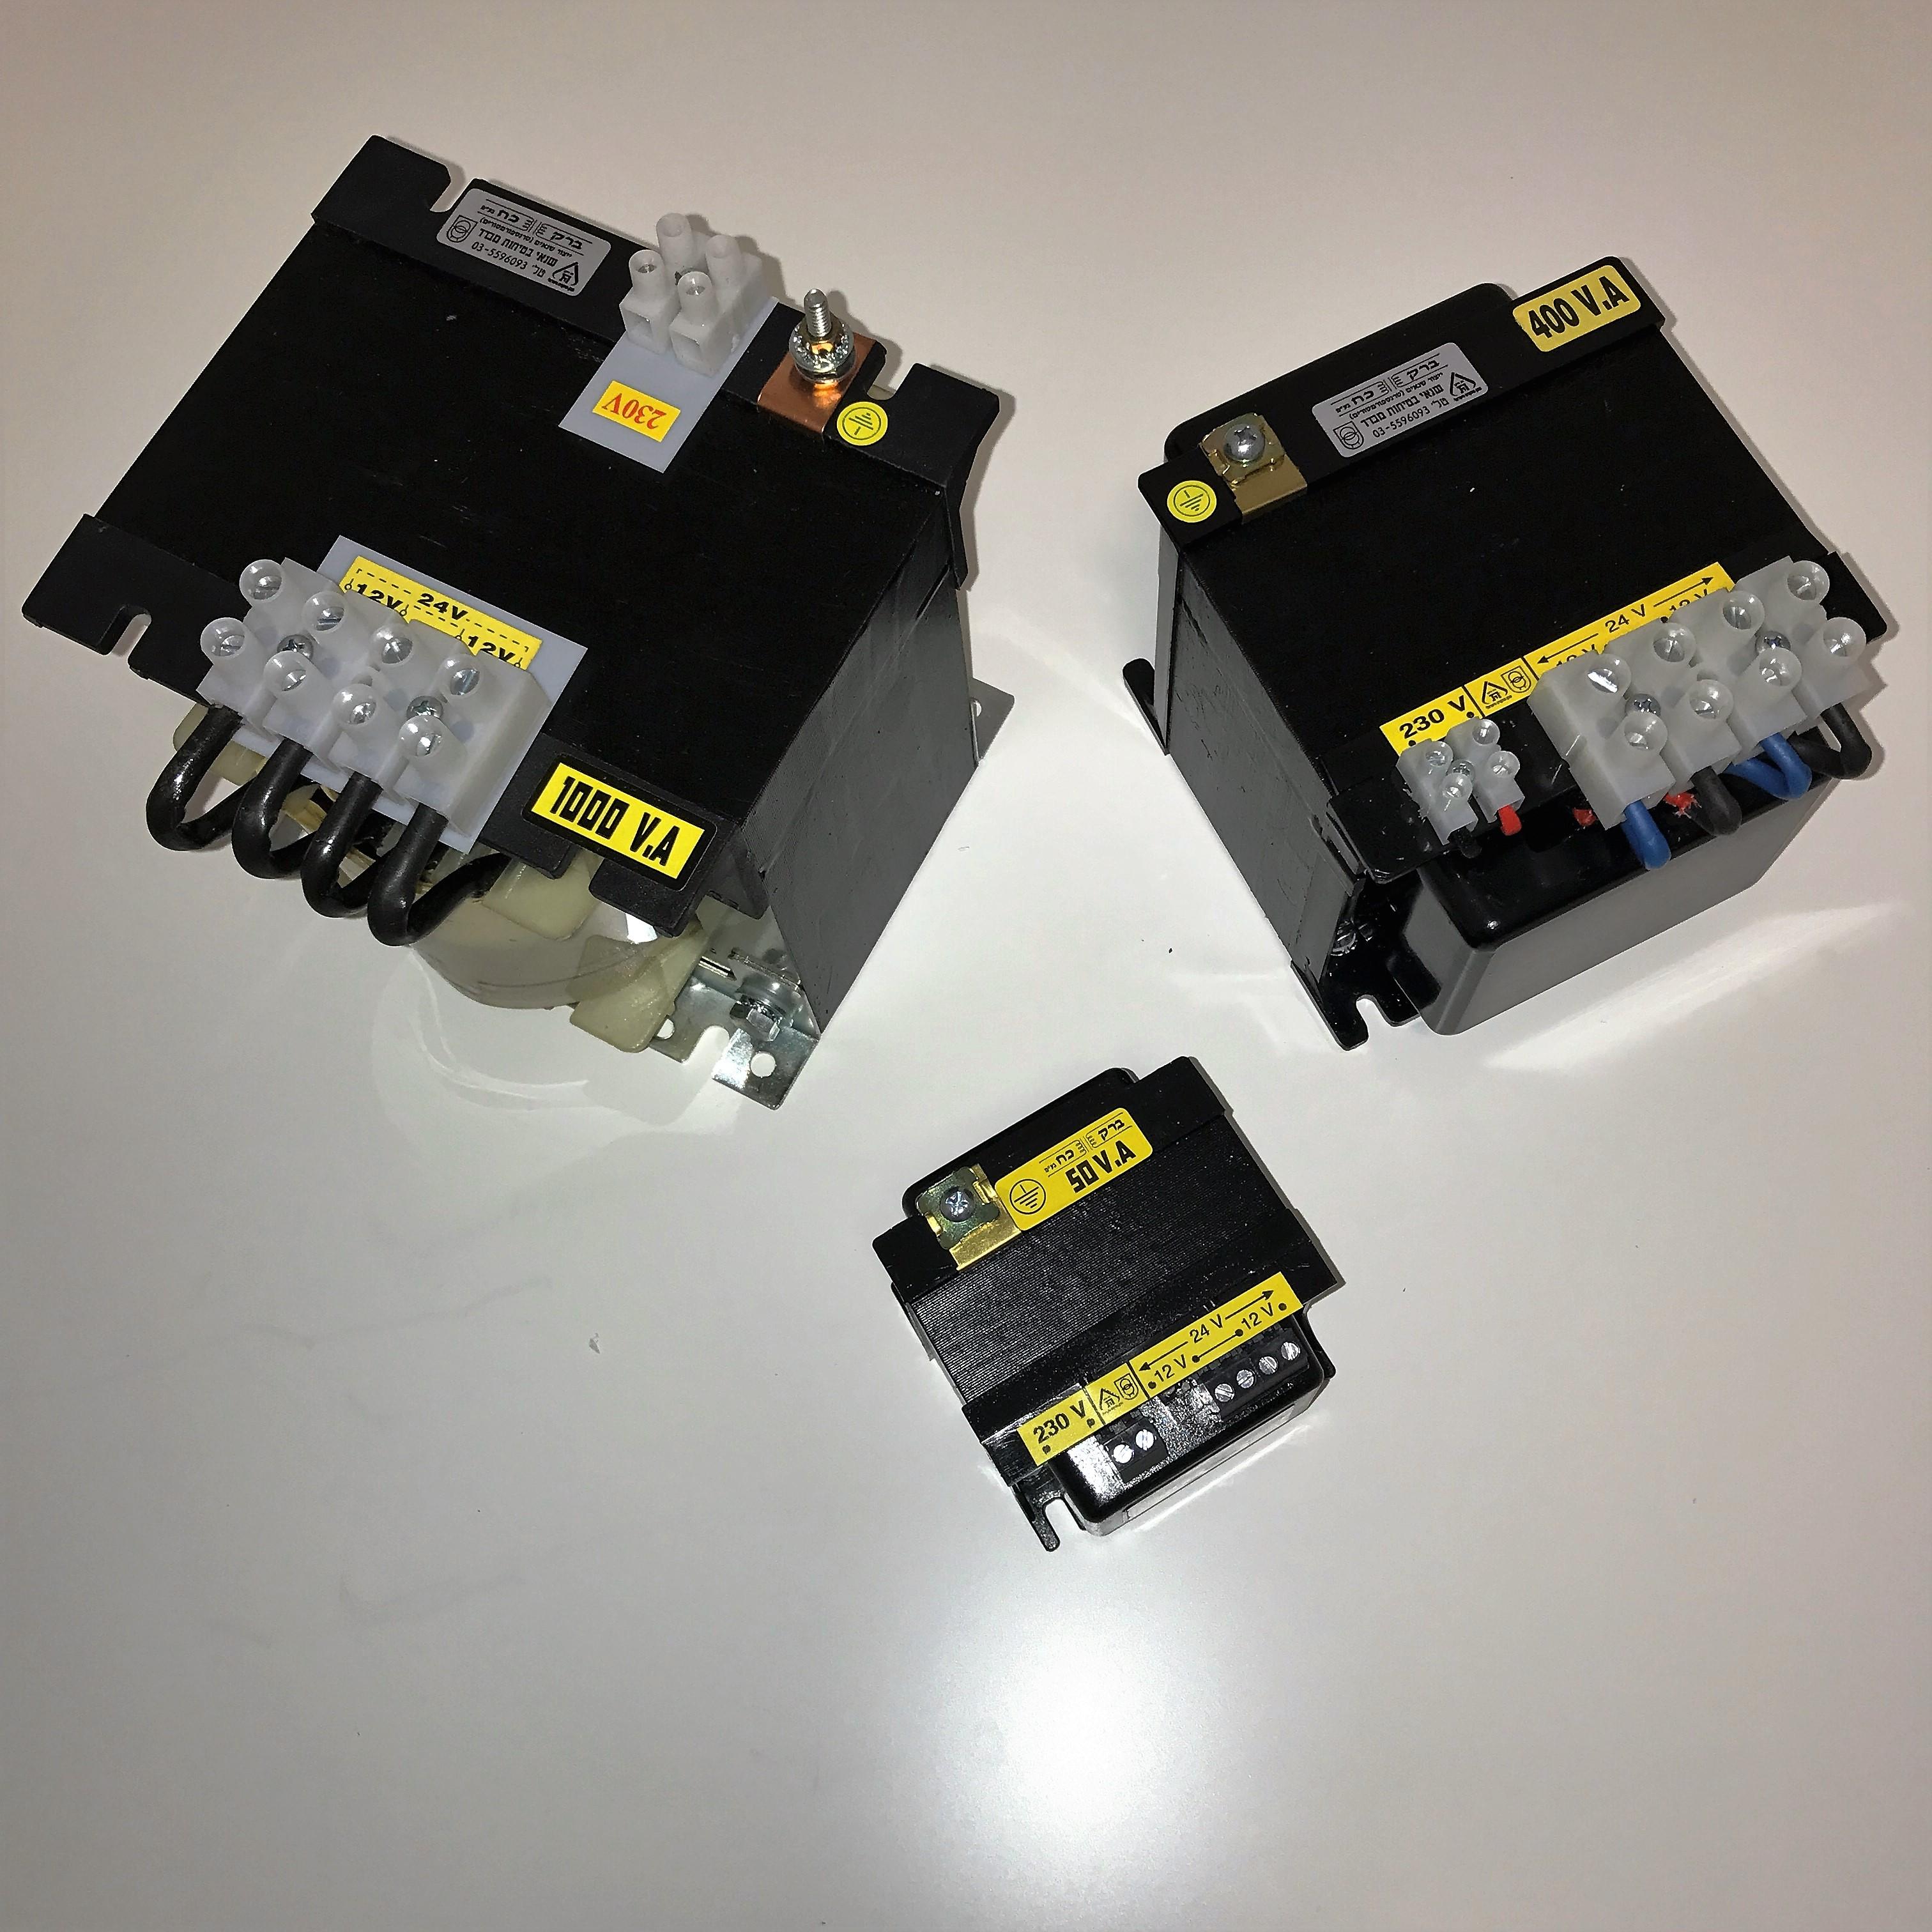 שנאי מבדל בהספק 2500VA במתחים 230V-12V+12V